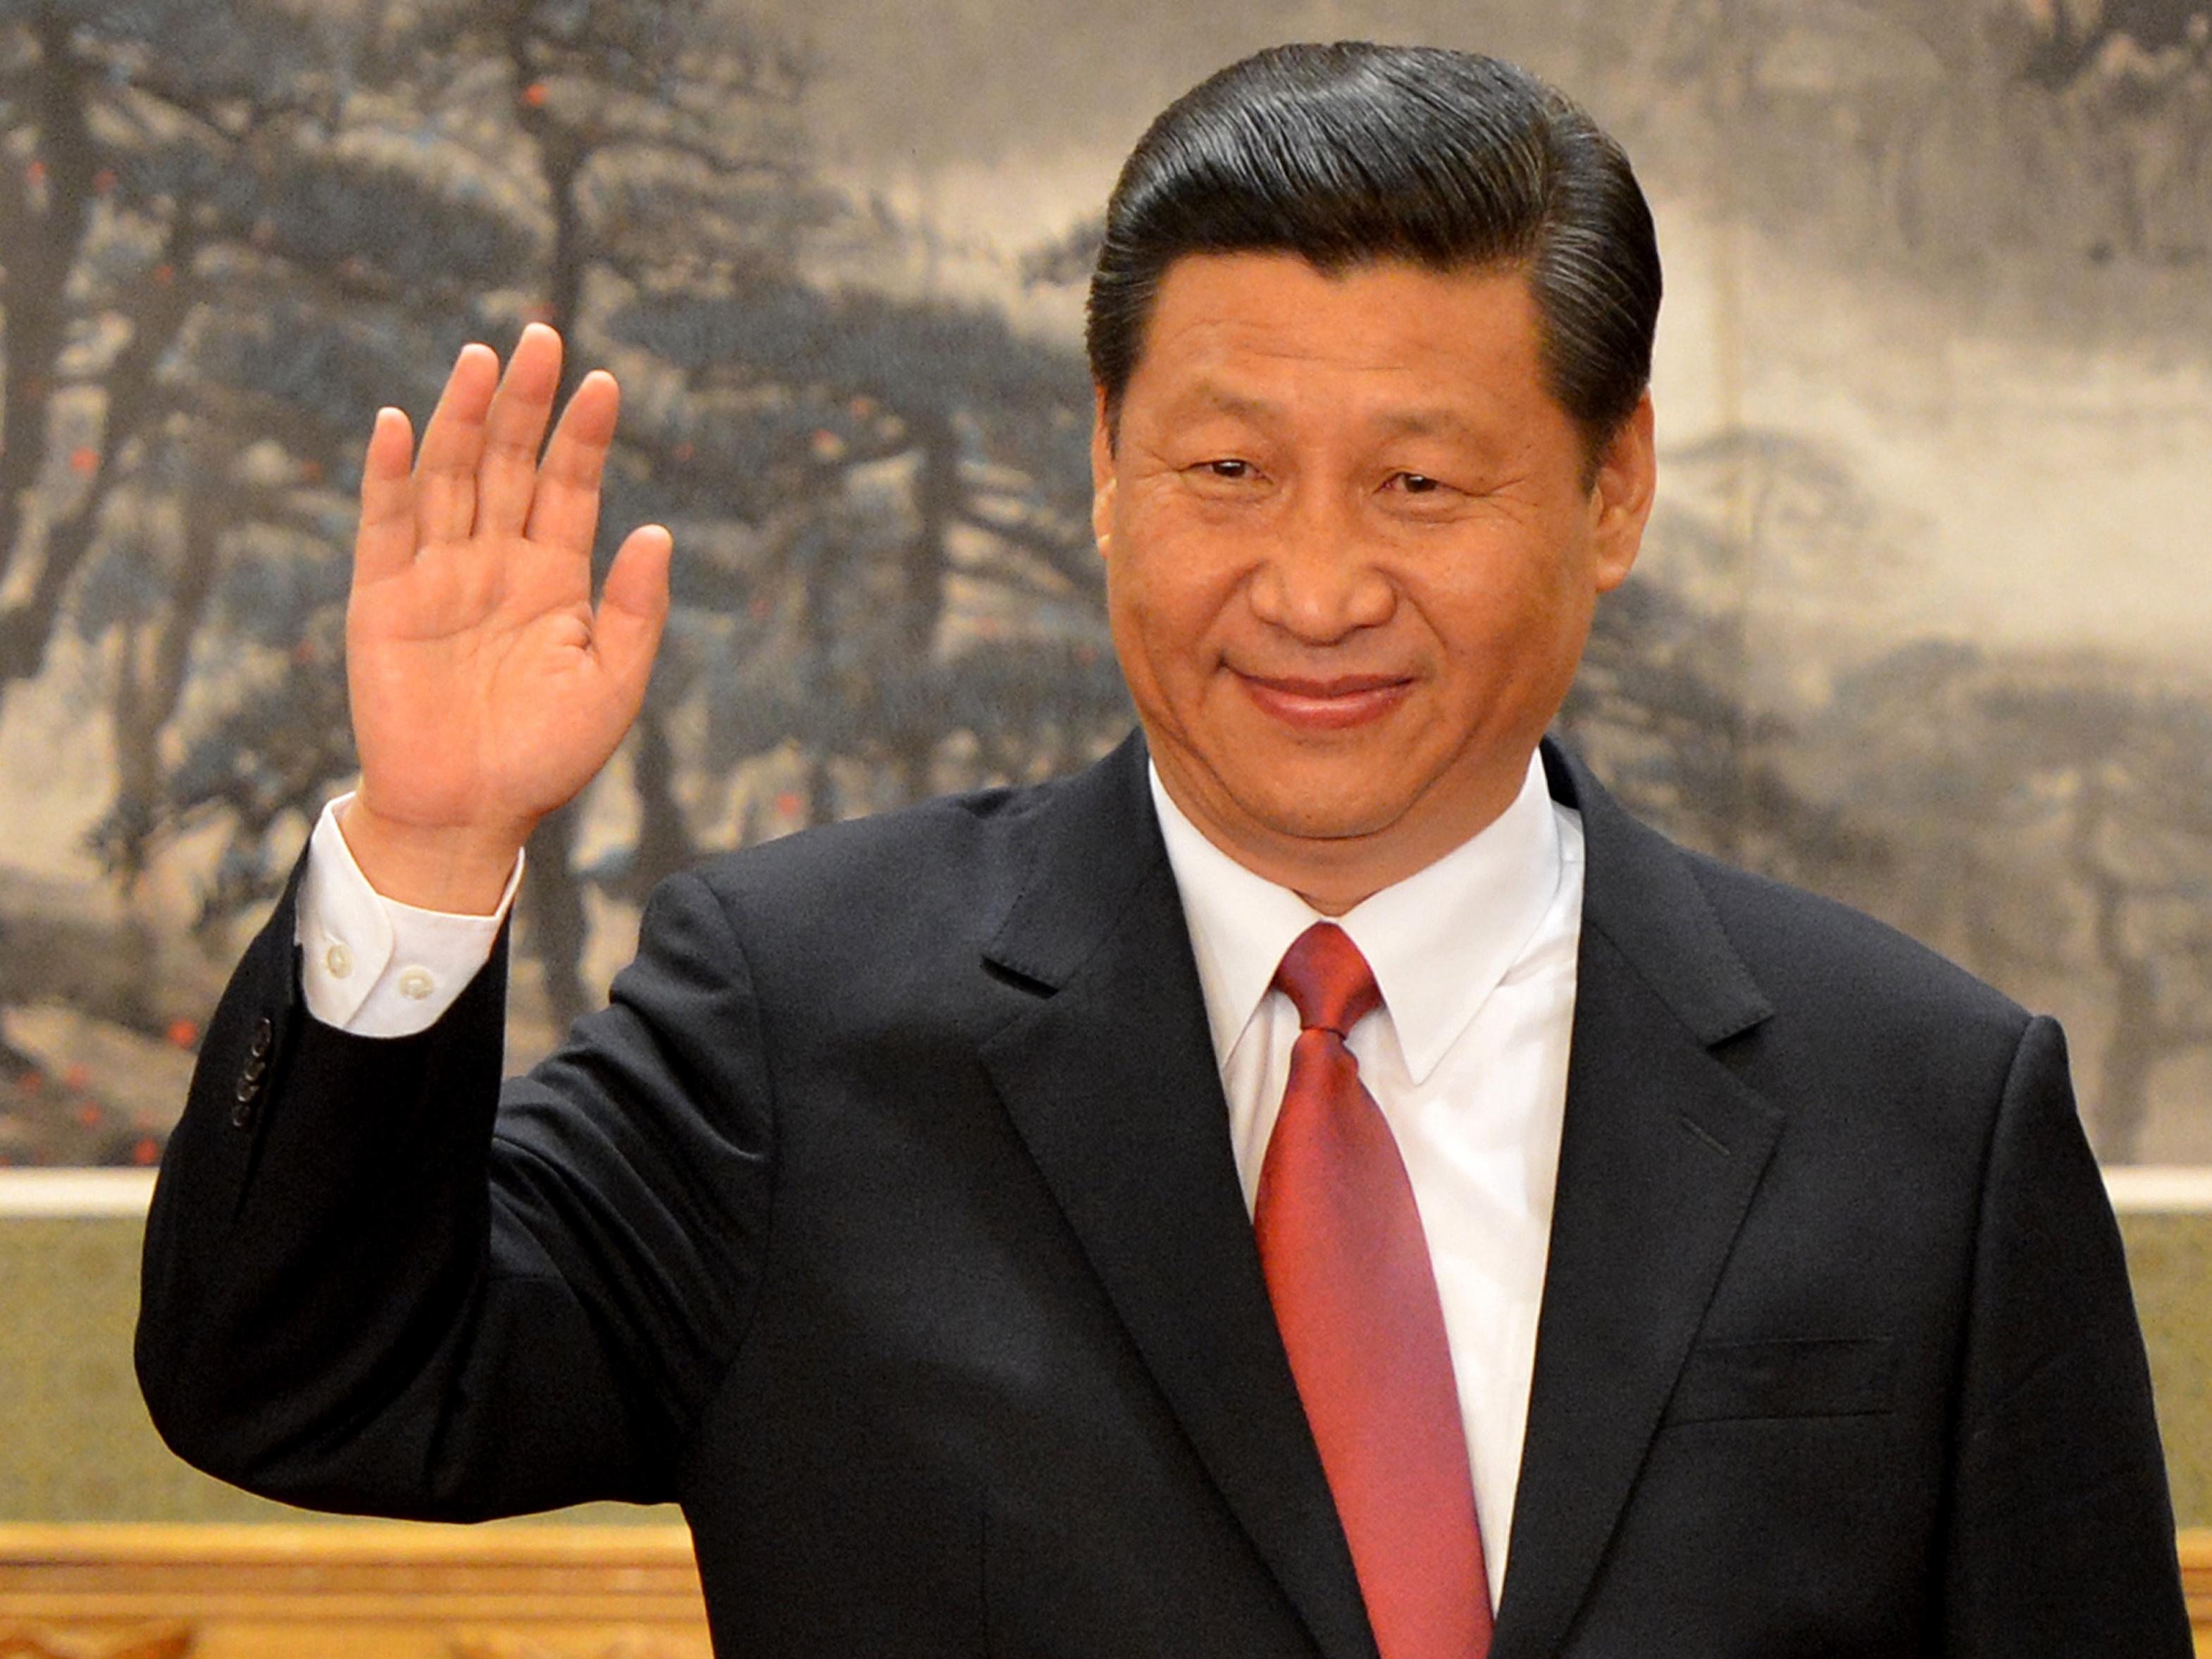 biography of xi jinping Xi jinping est le fils de xi zhongxun, ancien vice-président de l'assemblée populaire et vice-premier ministre [4] qui a été écarté du pouvoir par mao zedong lors d'une « purge » en 1962 avant d'être.